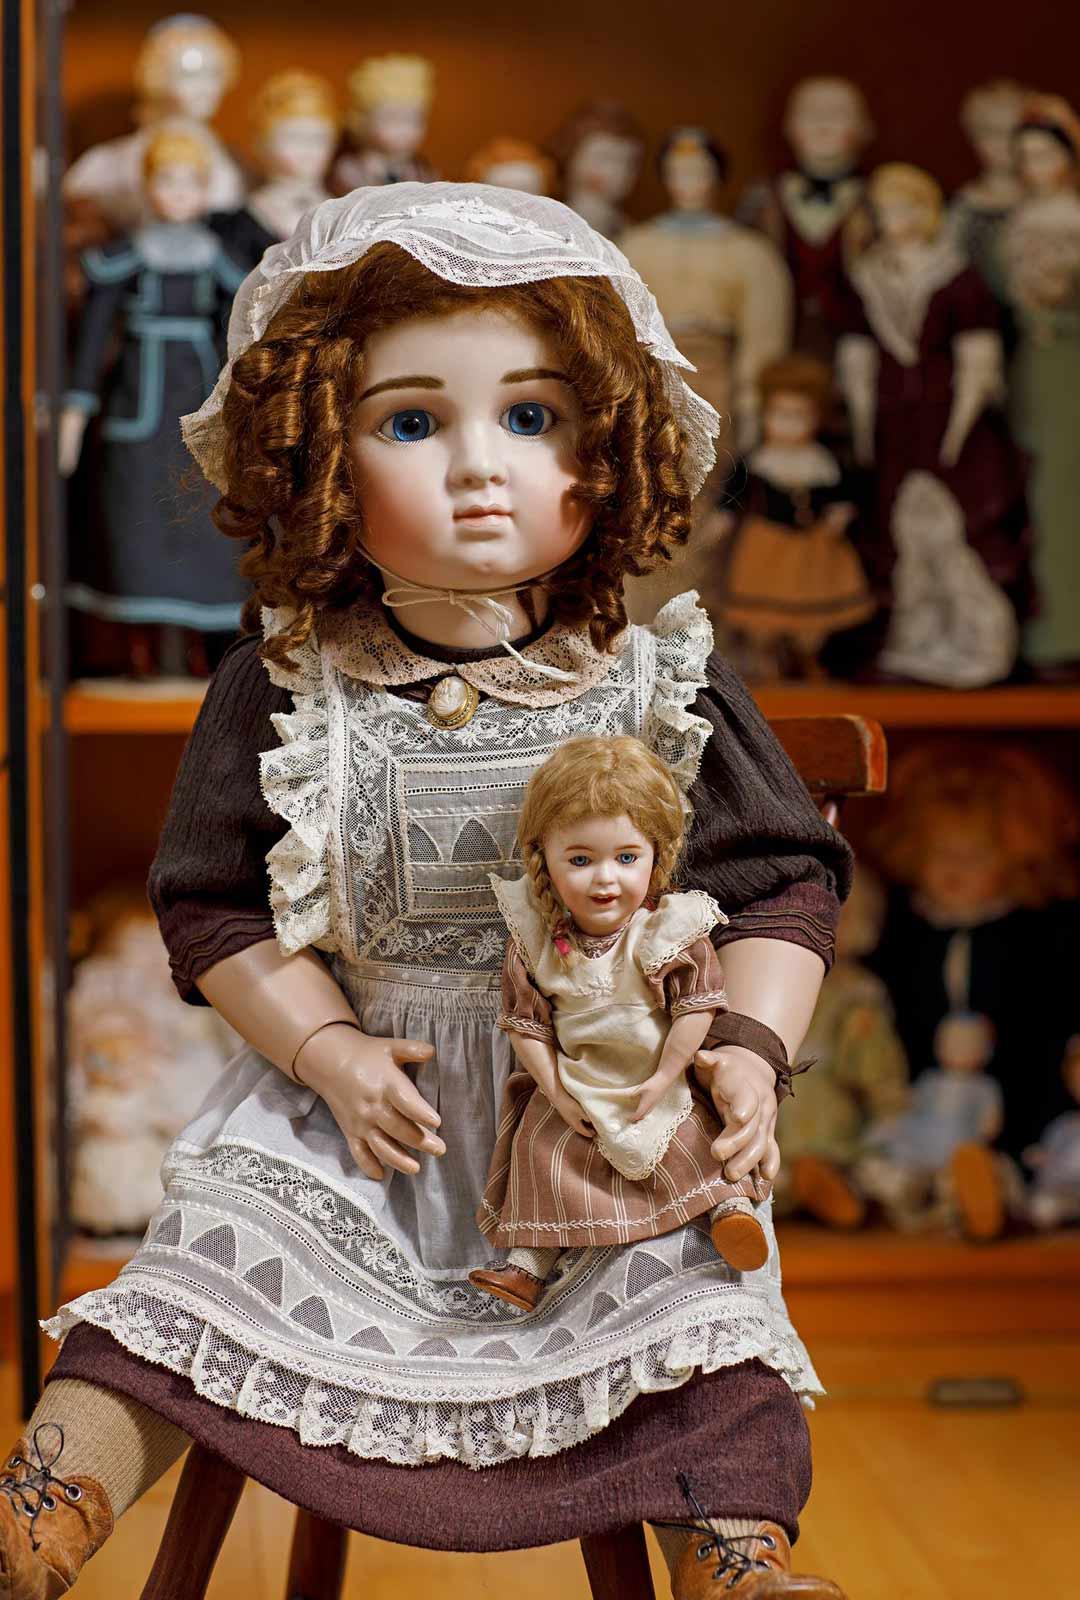 Ranskalaiset Chanelle- ja Bru-nuket Lea on tehnyt vanhojen mallien mukaan.